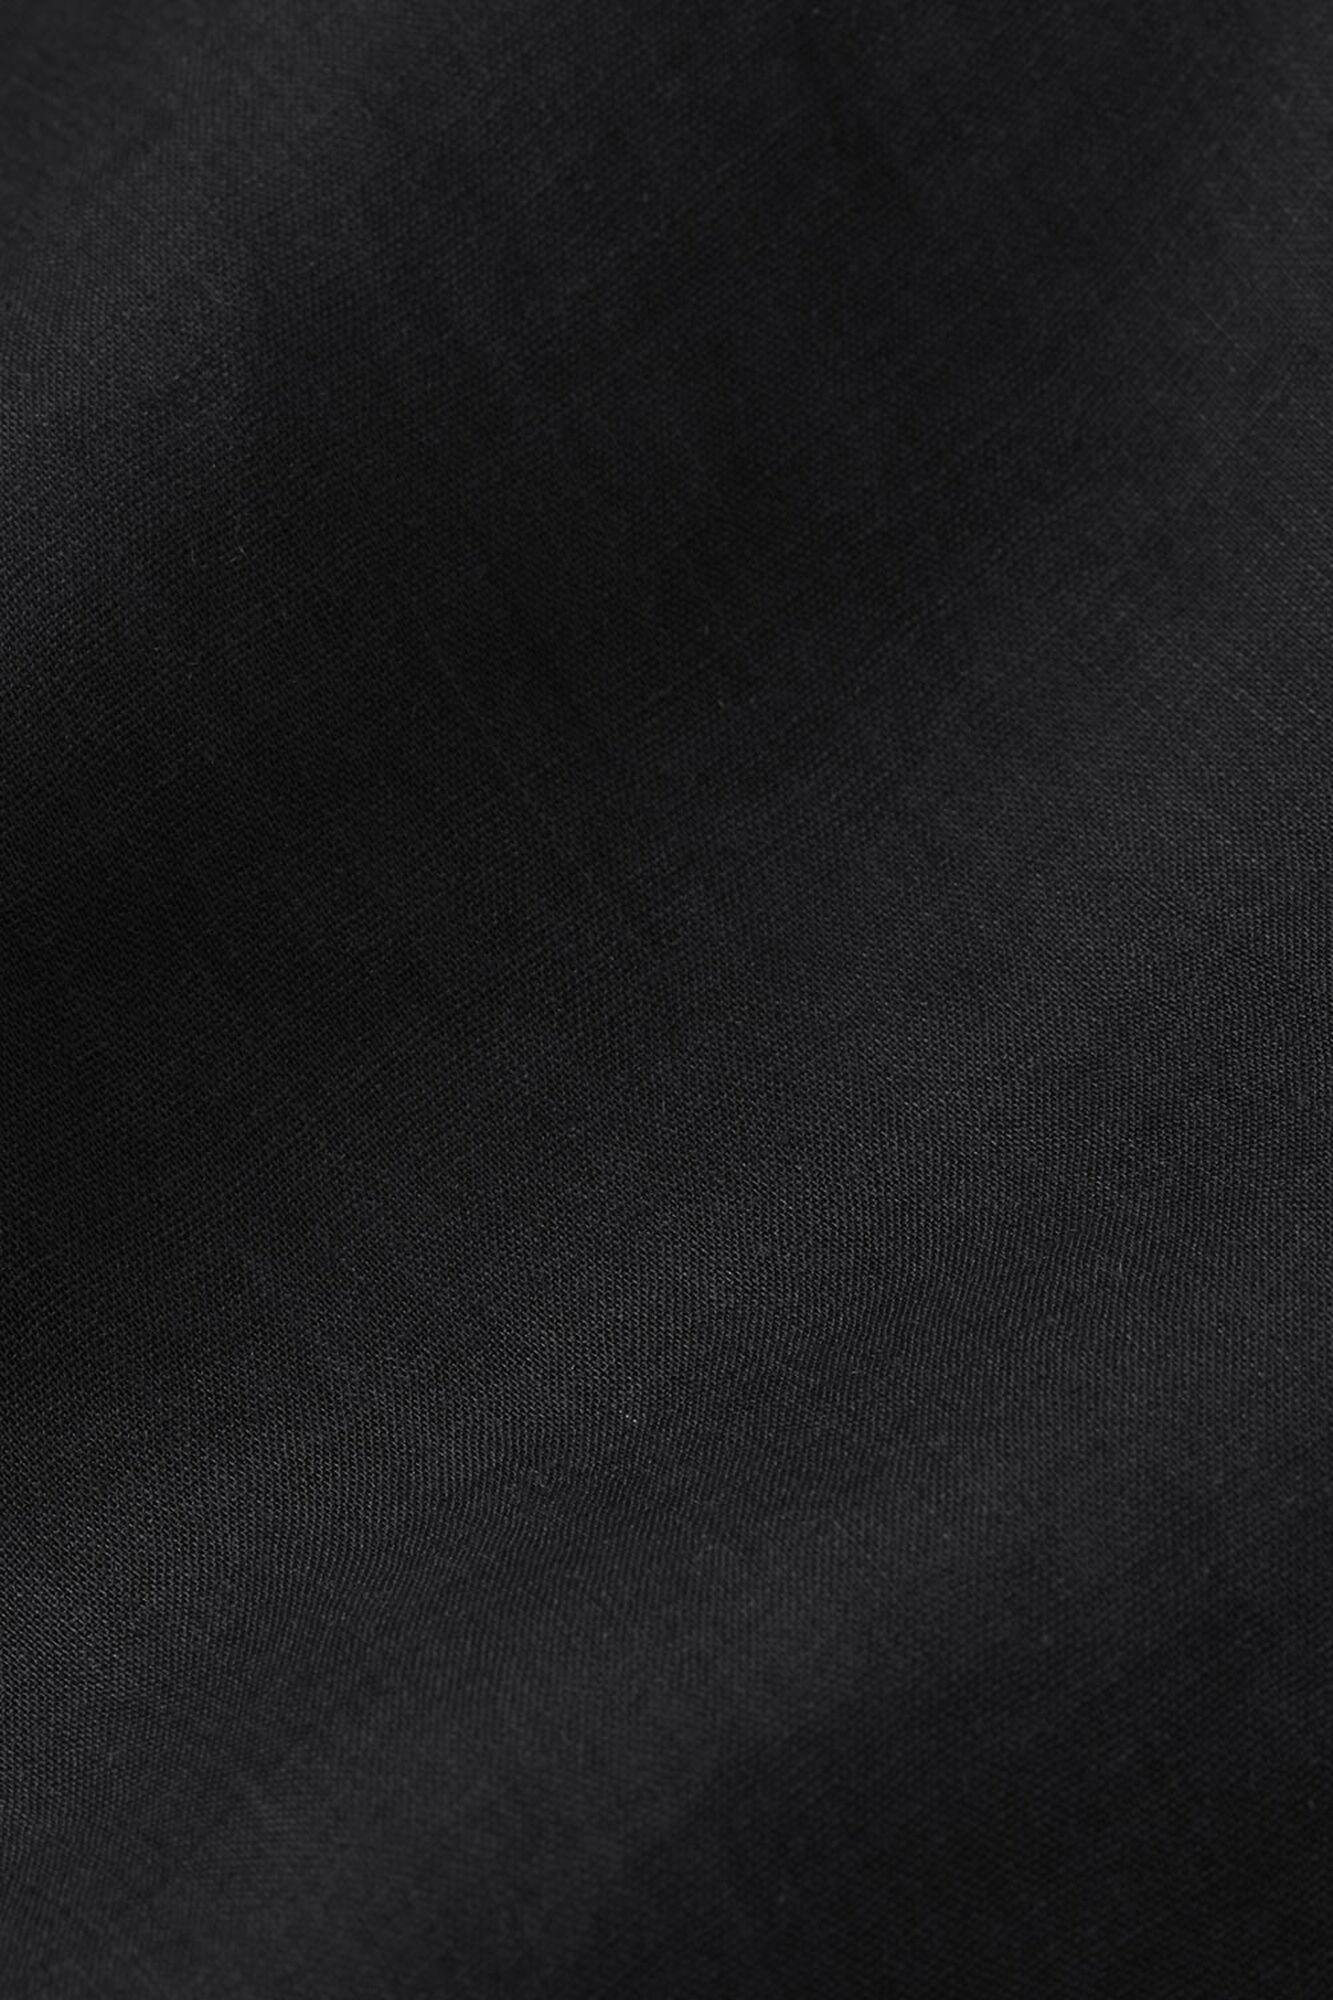 SOLEILS SKIRT, Black, hi-res